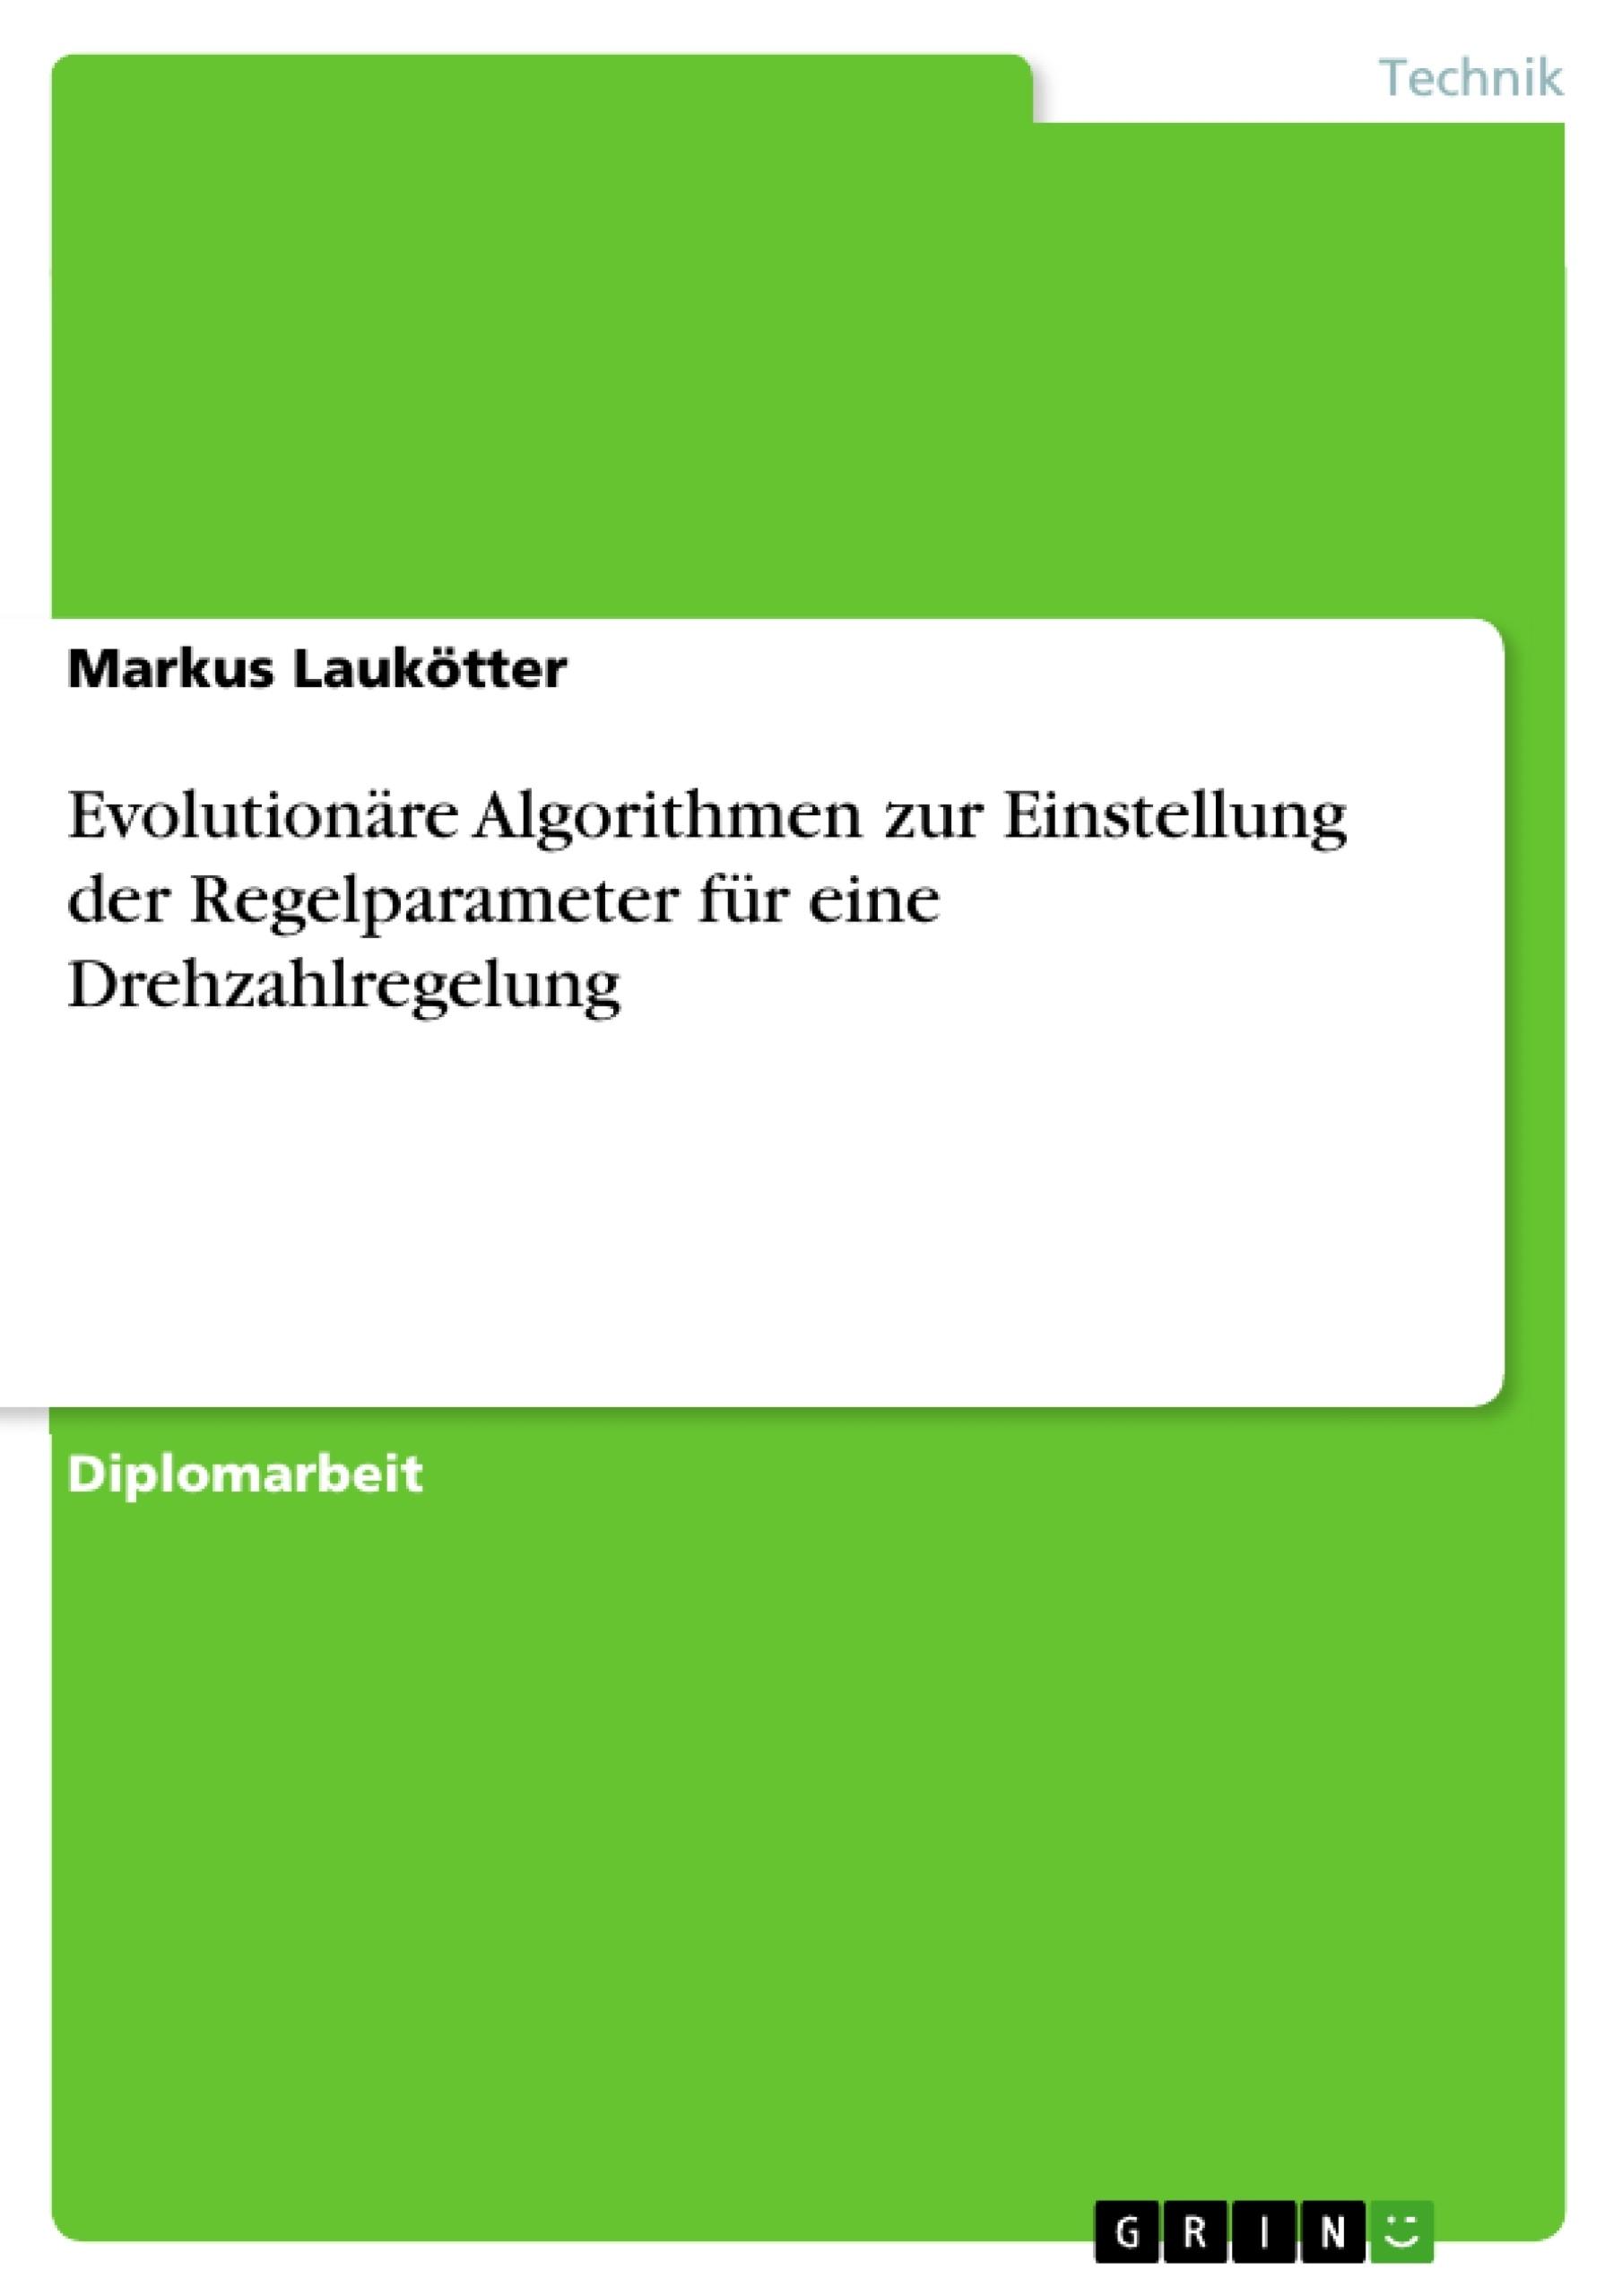 Titel: Evolutionäre Algorithmen zur Einstellung der Regelparameter für eine Drehzahlregelung